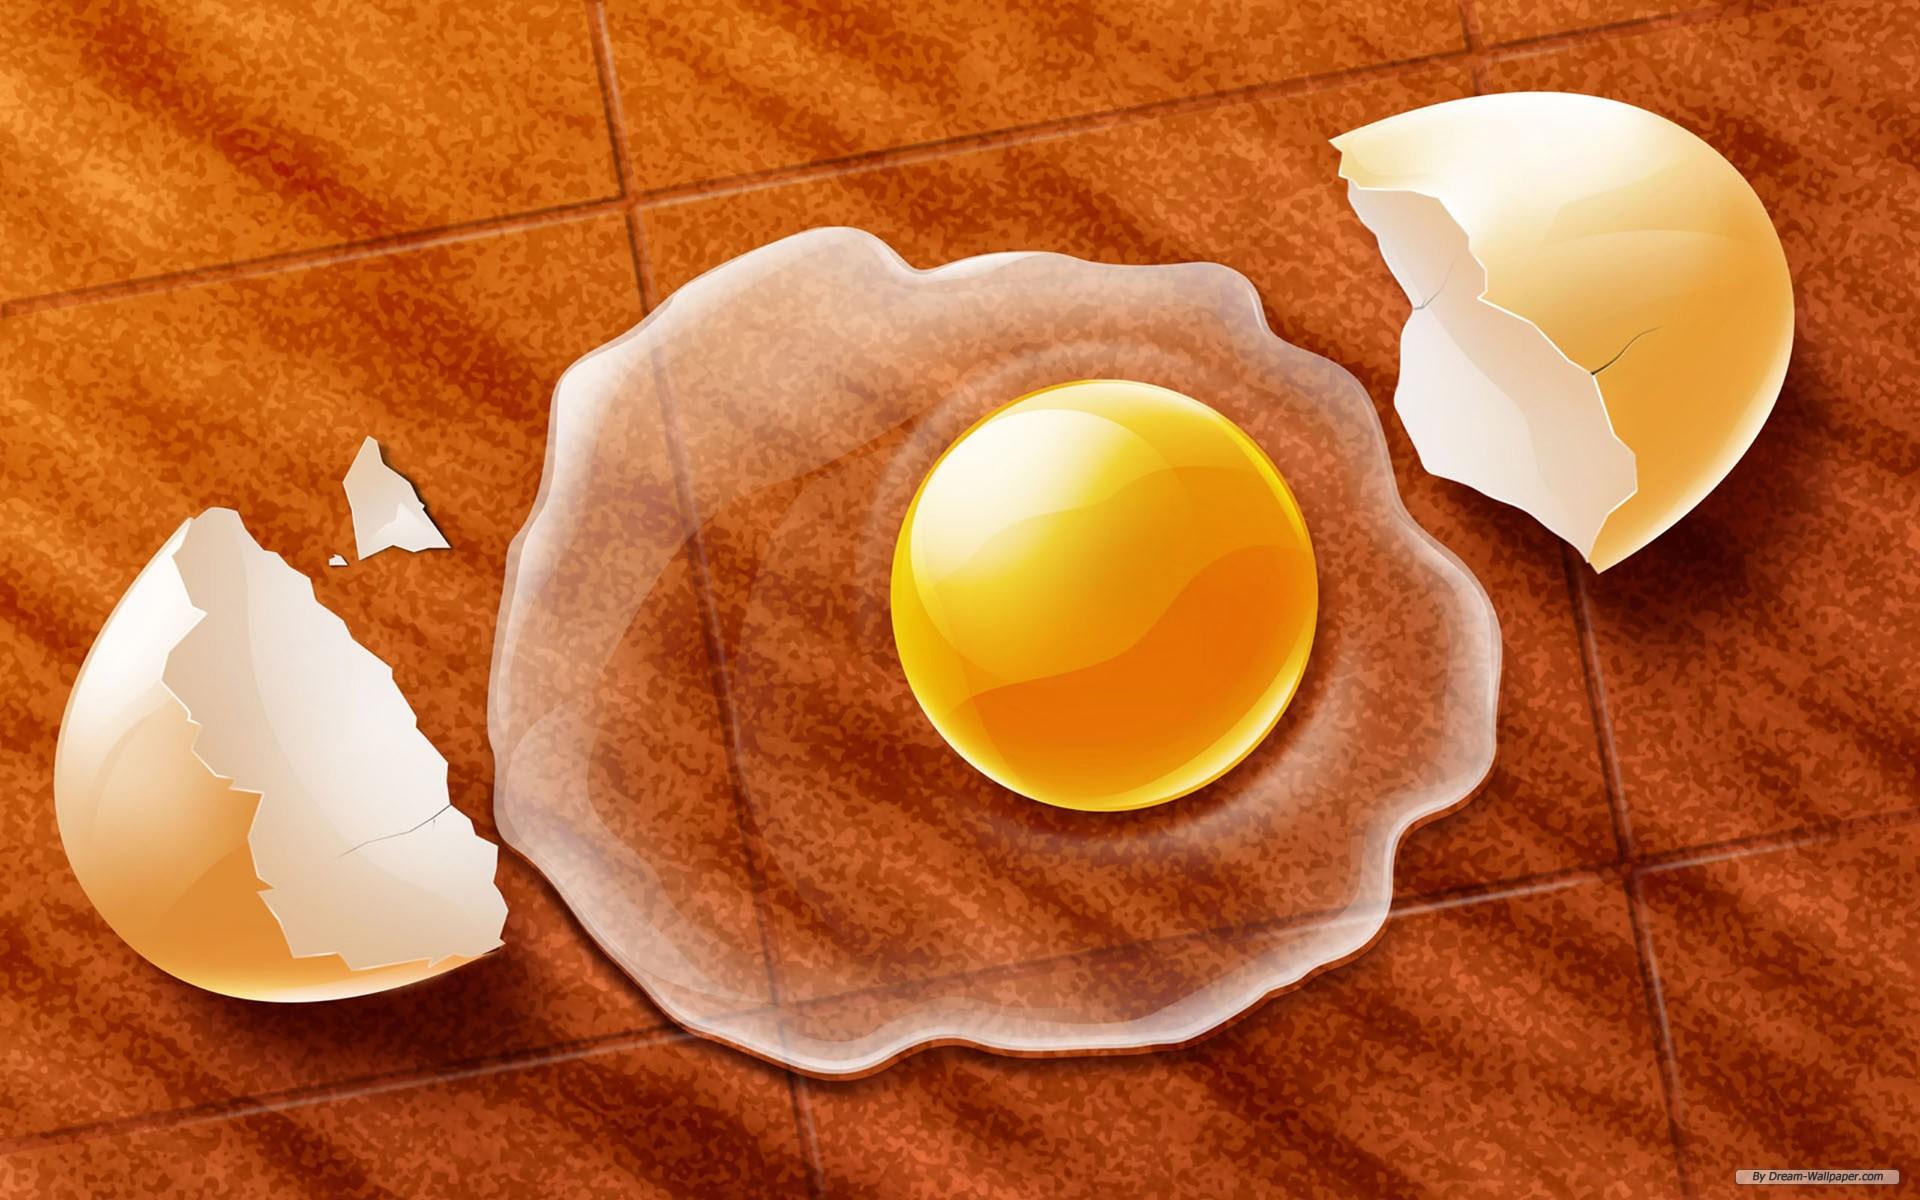 Colorful Food Wallpaper Free Download: [45+] Food Desktop Wallpapers On WallpaperSafari